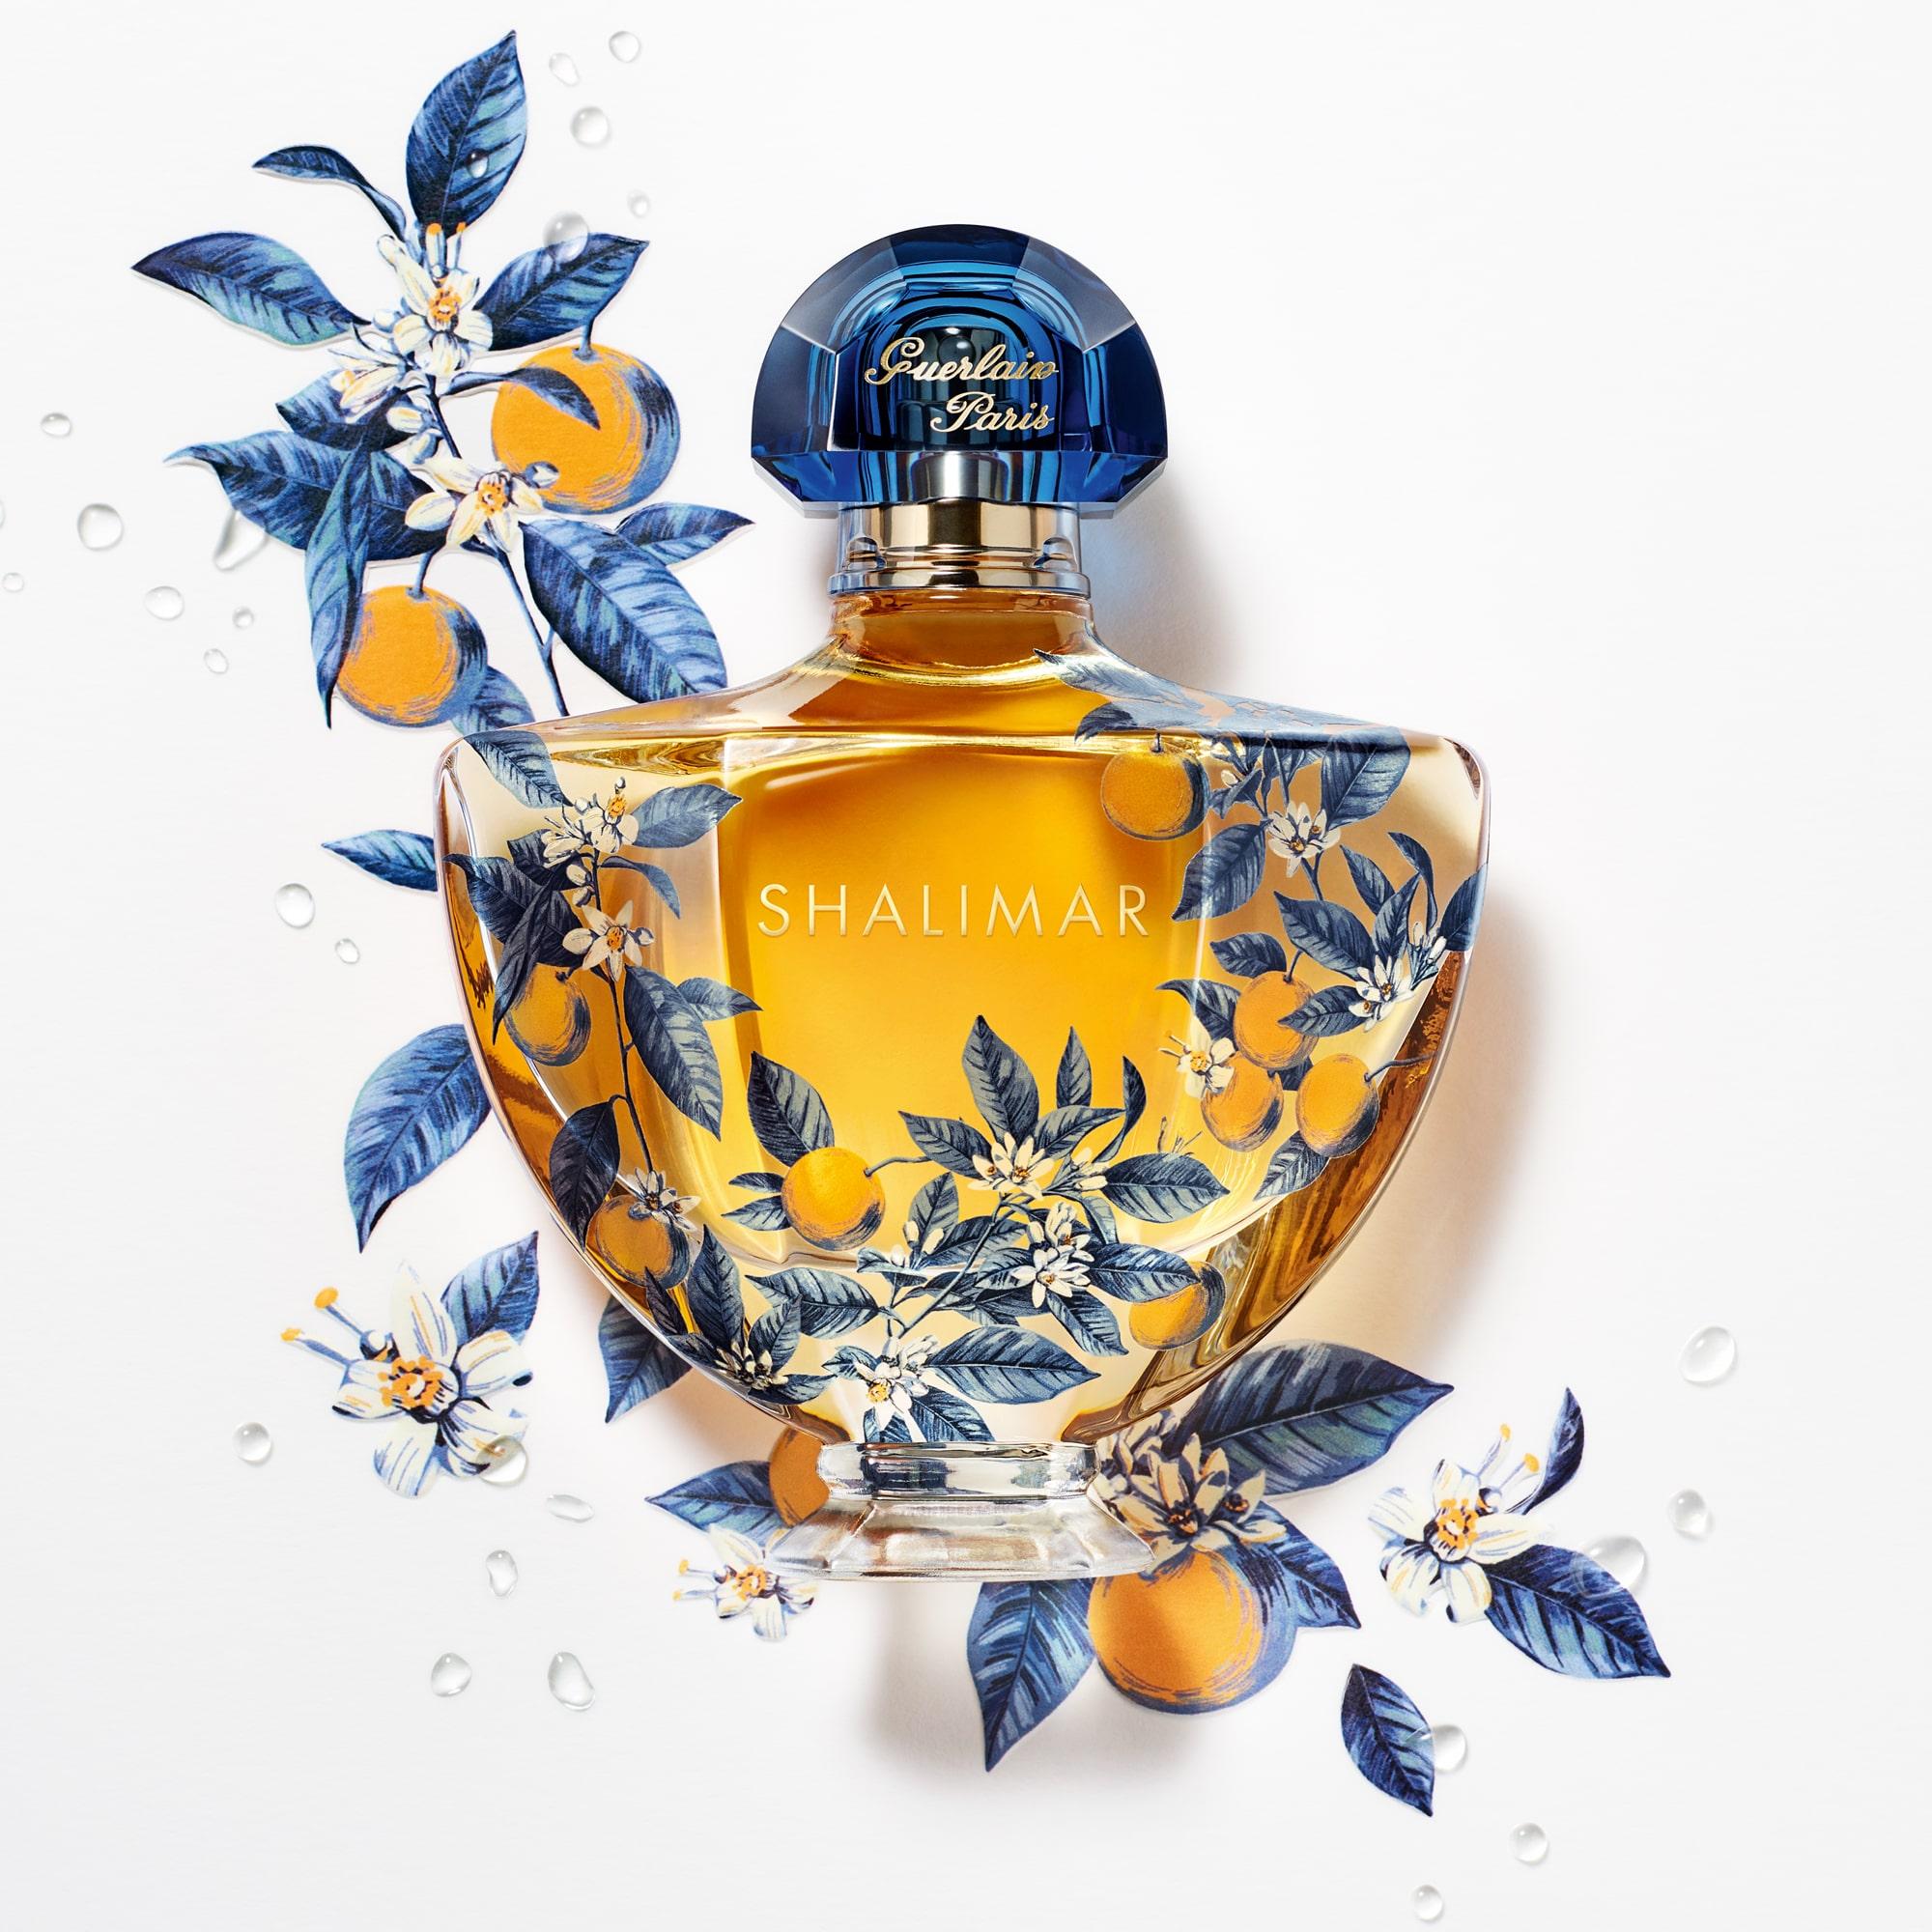 Guerlain-Shalimar-Eau-de-Parfum-Serie-Limitee-2020-min